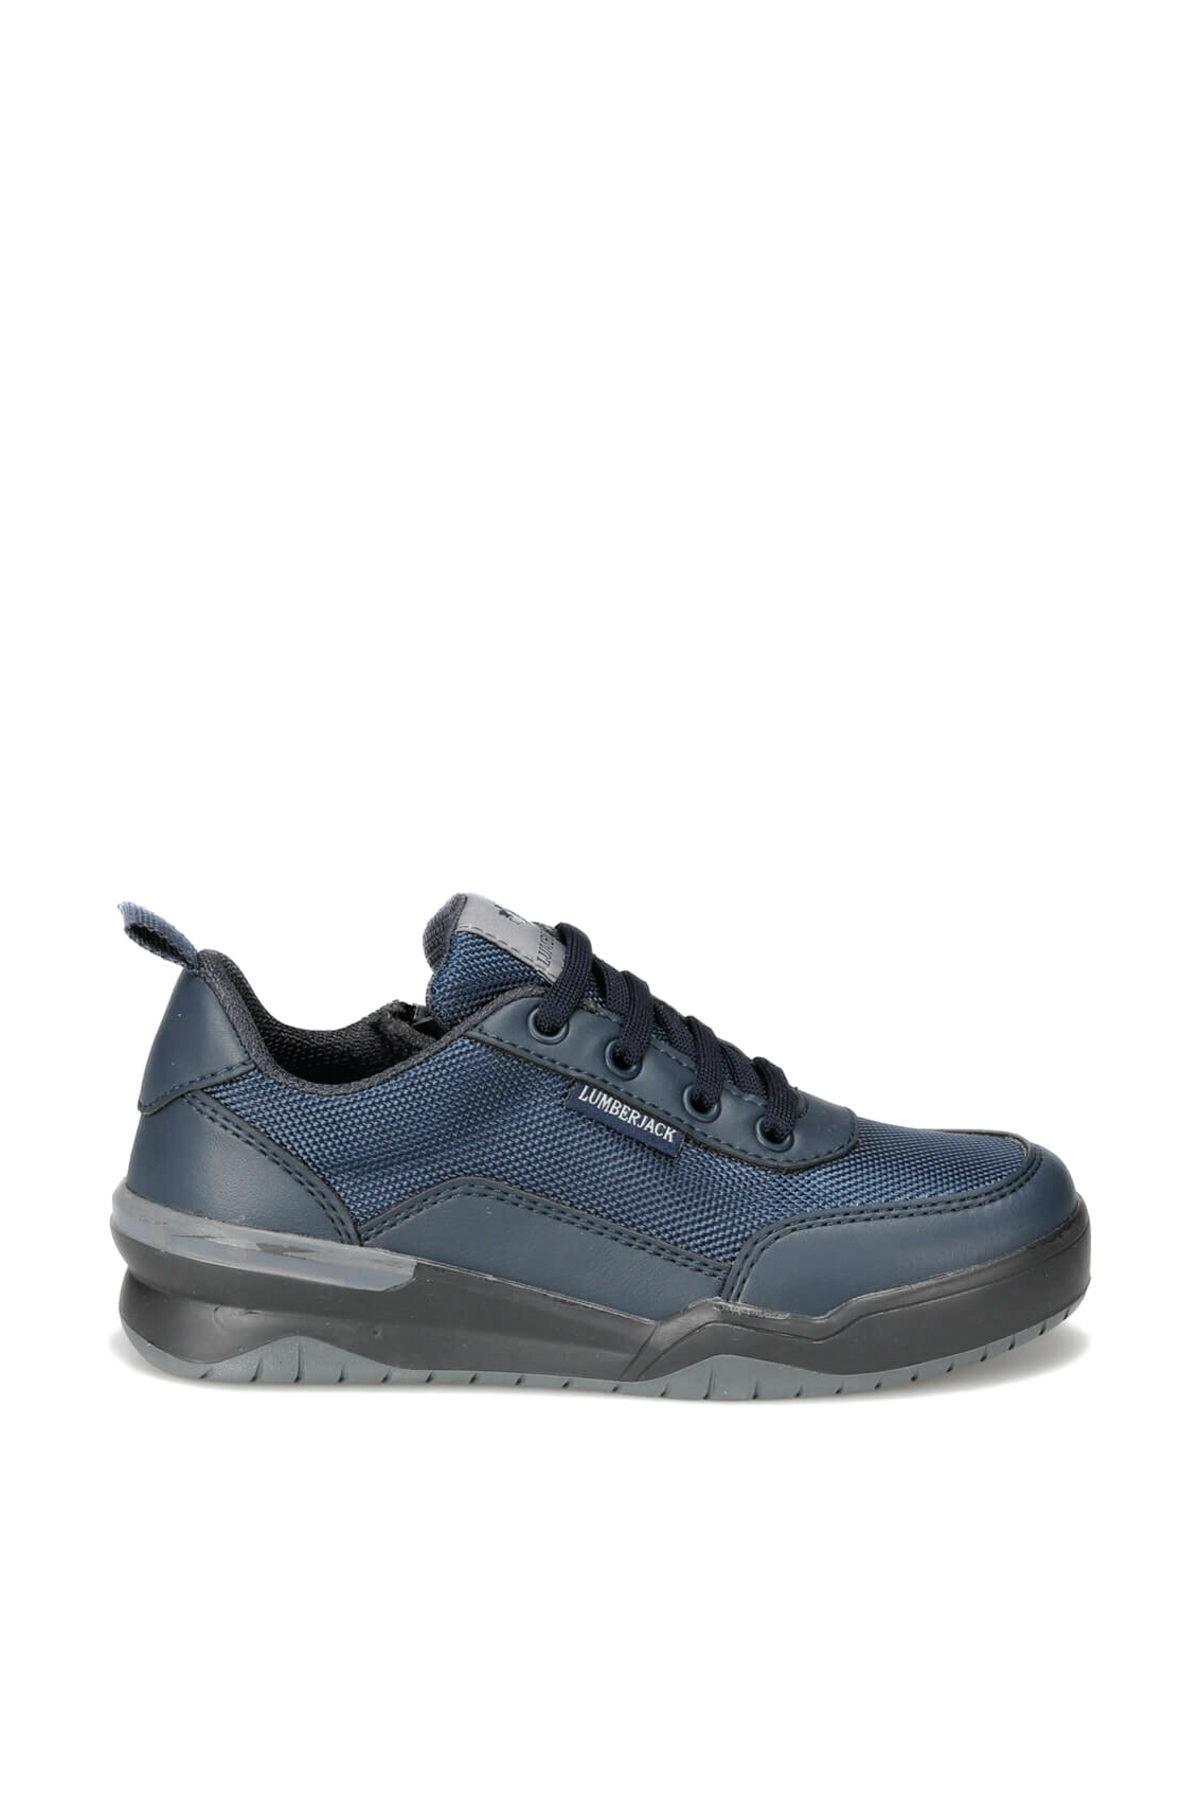 lumberjack MASCOT 9PR Lacivert Erkek Çocuk Sneaker Ayakkabı 100436843 1